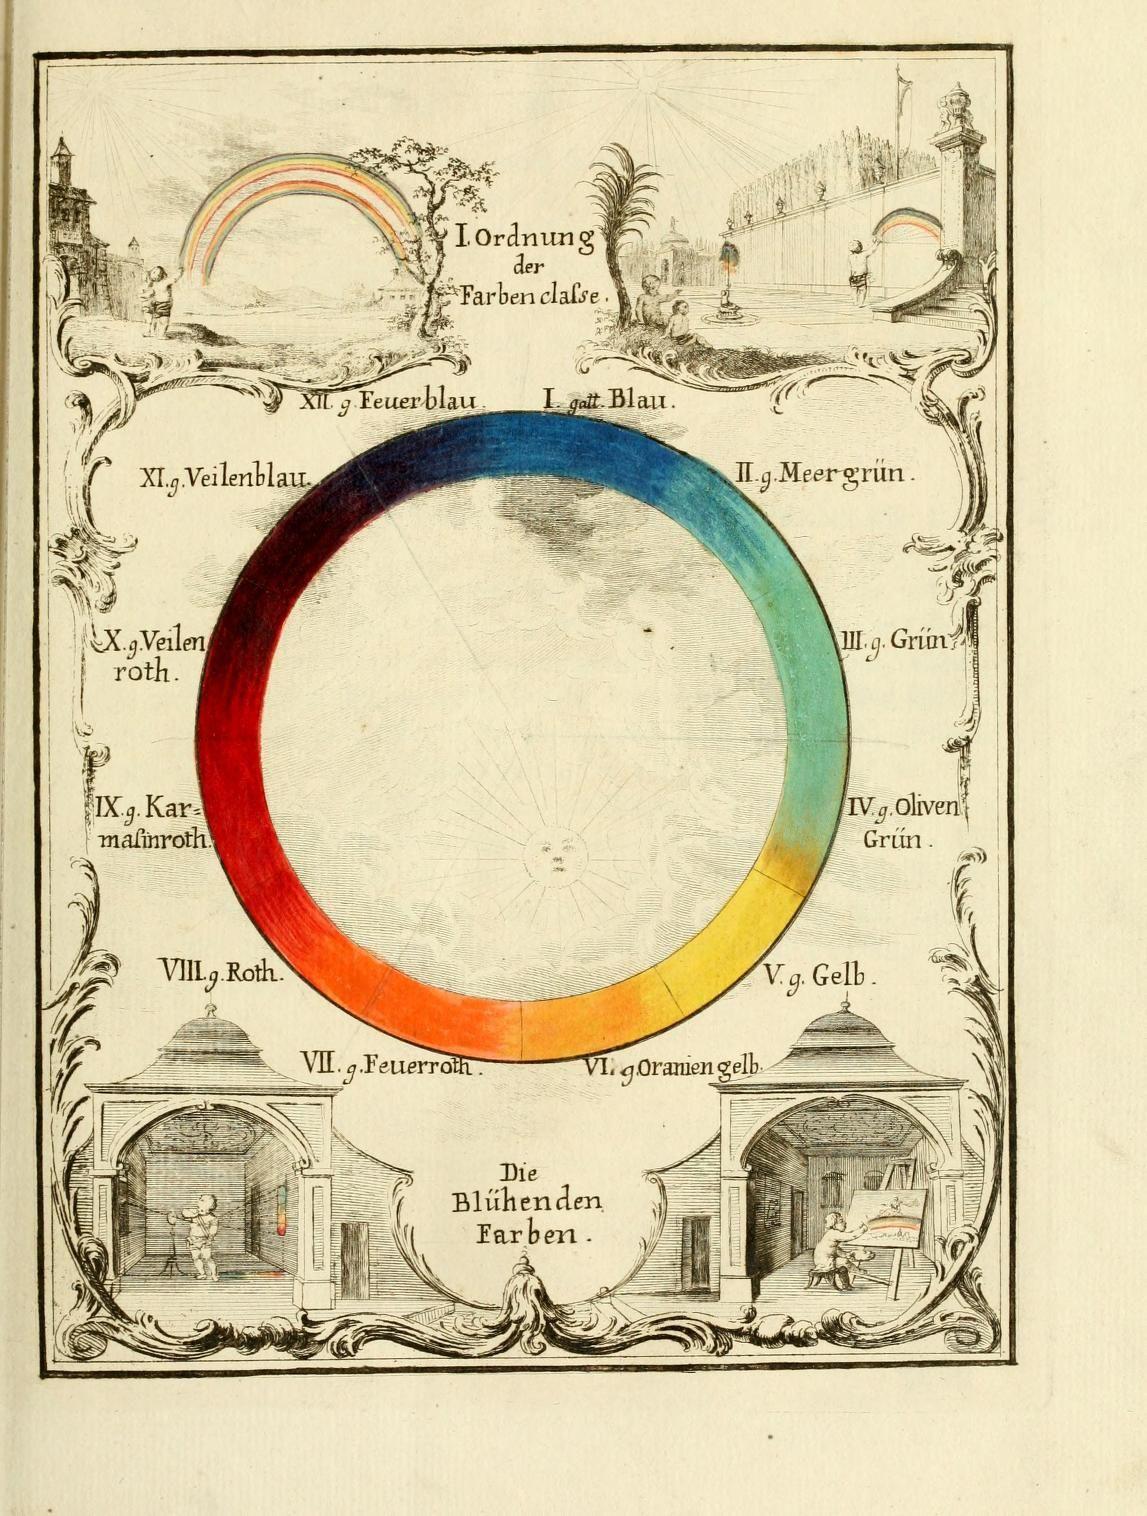 Versuch eines Farbensystems by Ignaz Schiffermüller (Wien : Verlegts Augustin Bernardi, 1772).